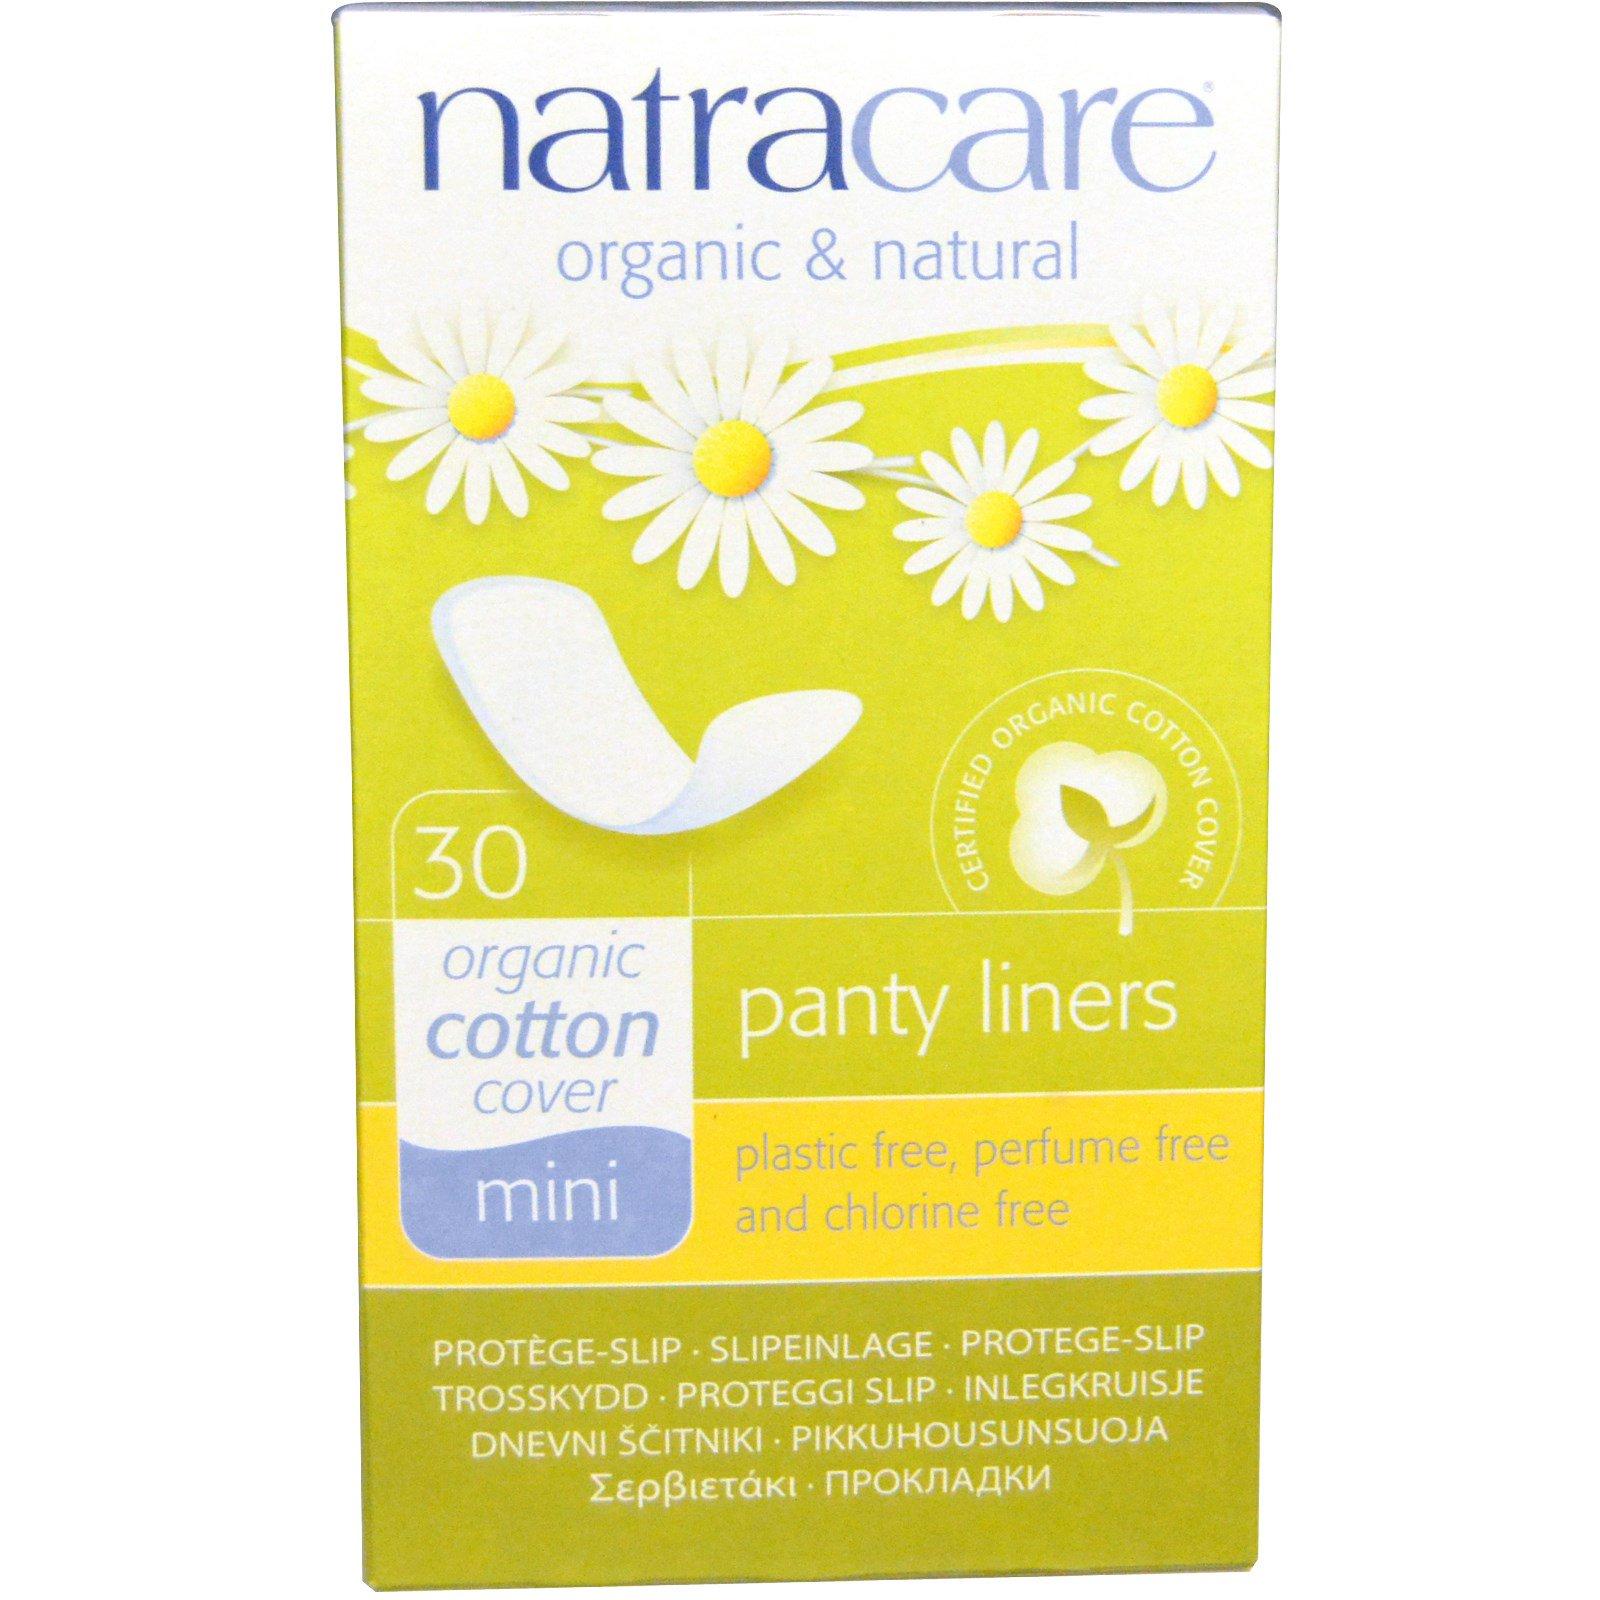 Natracare, Ежедневные прокладки, органический хлопок, мини, 30 прокладок